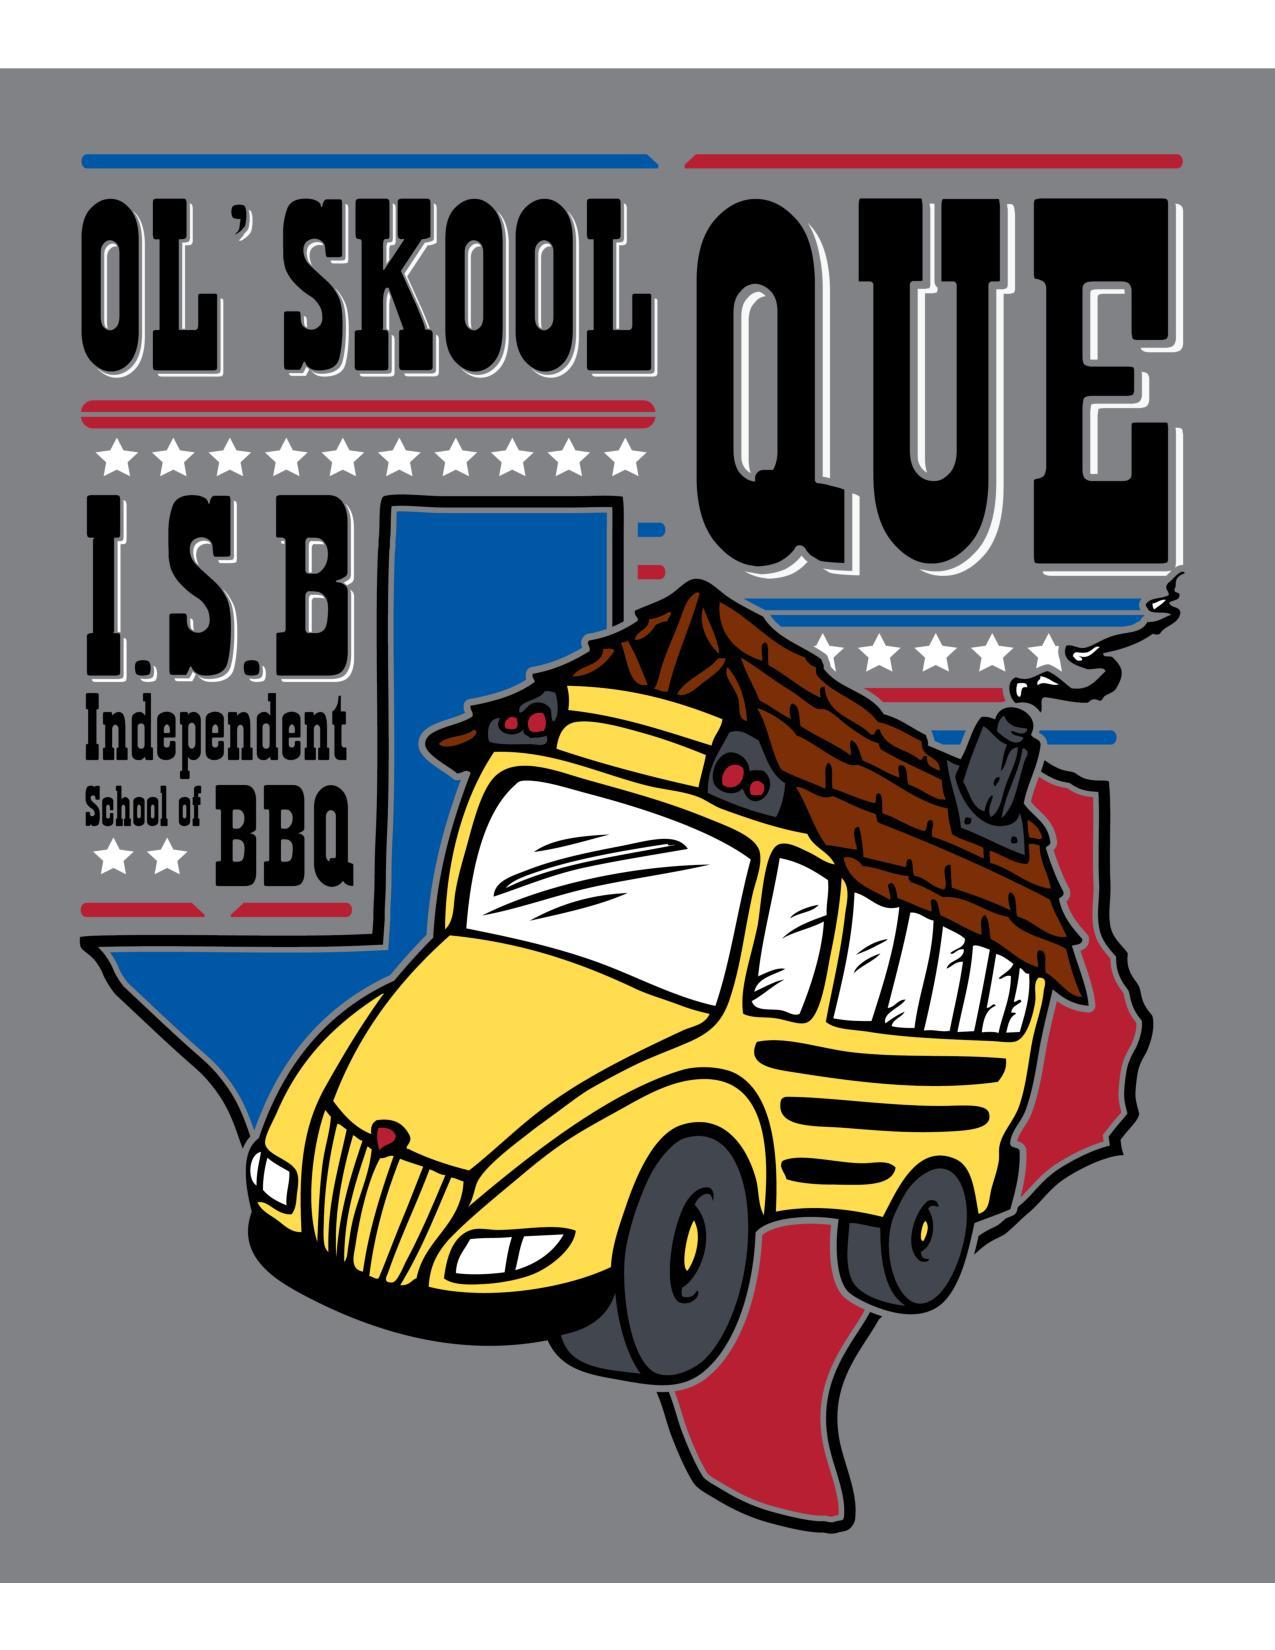 Ol' Skool Que